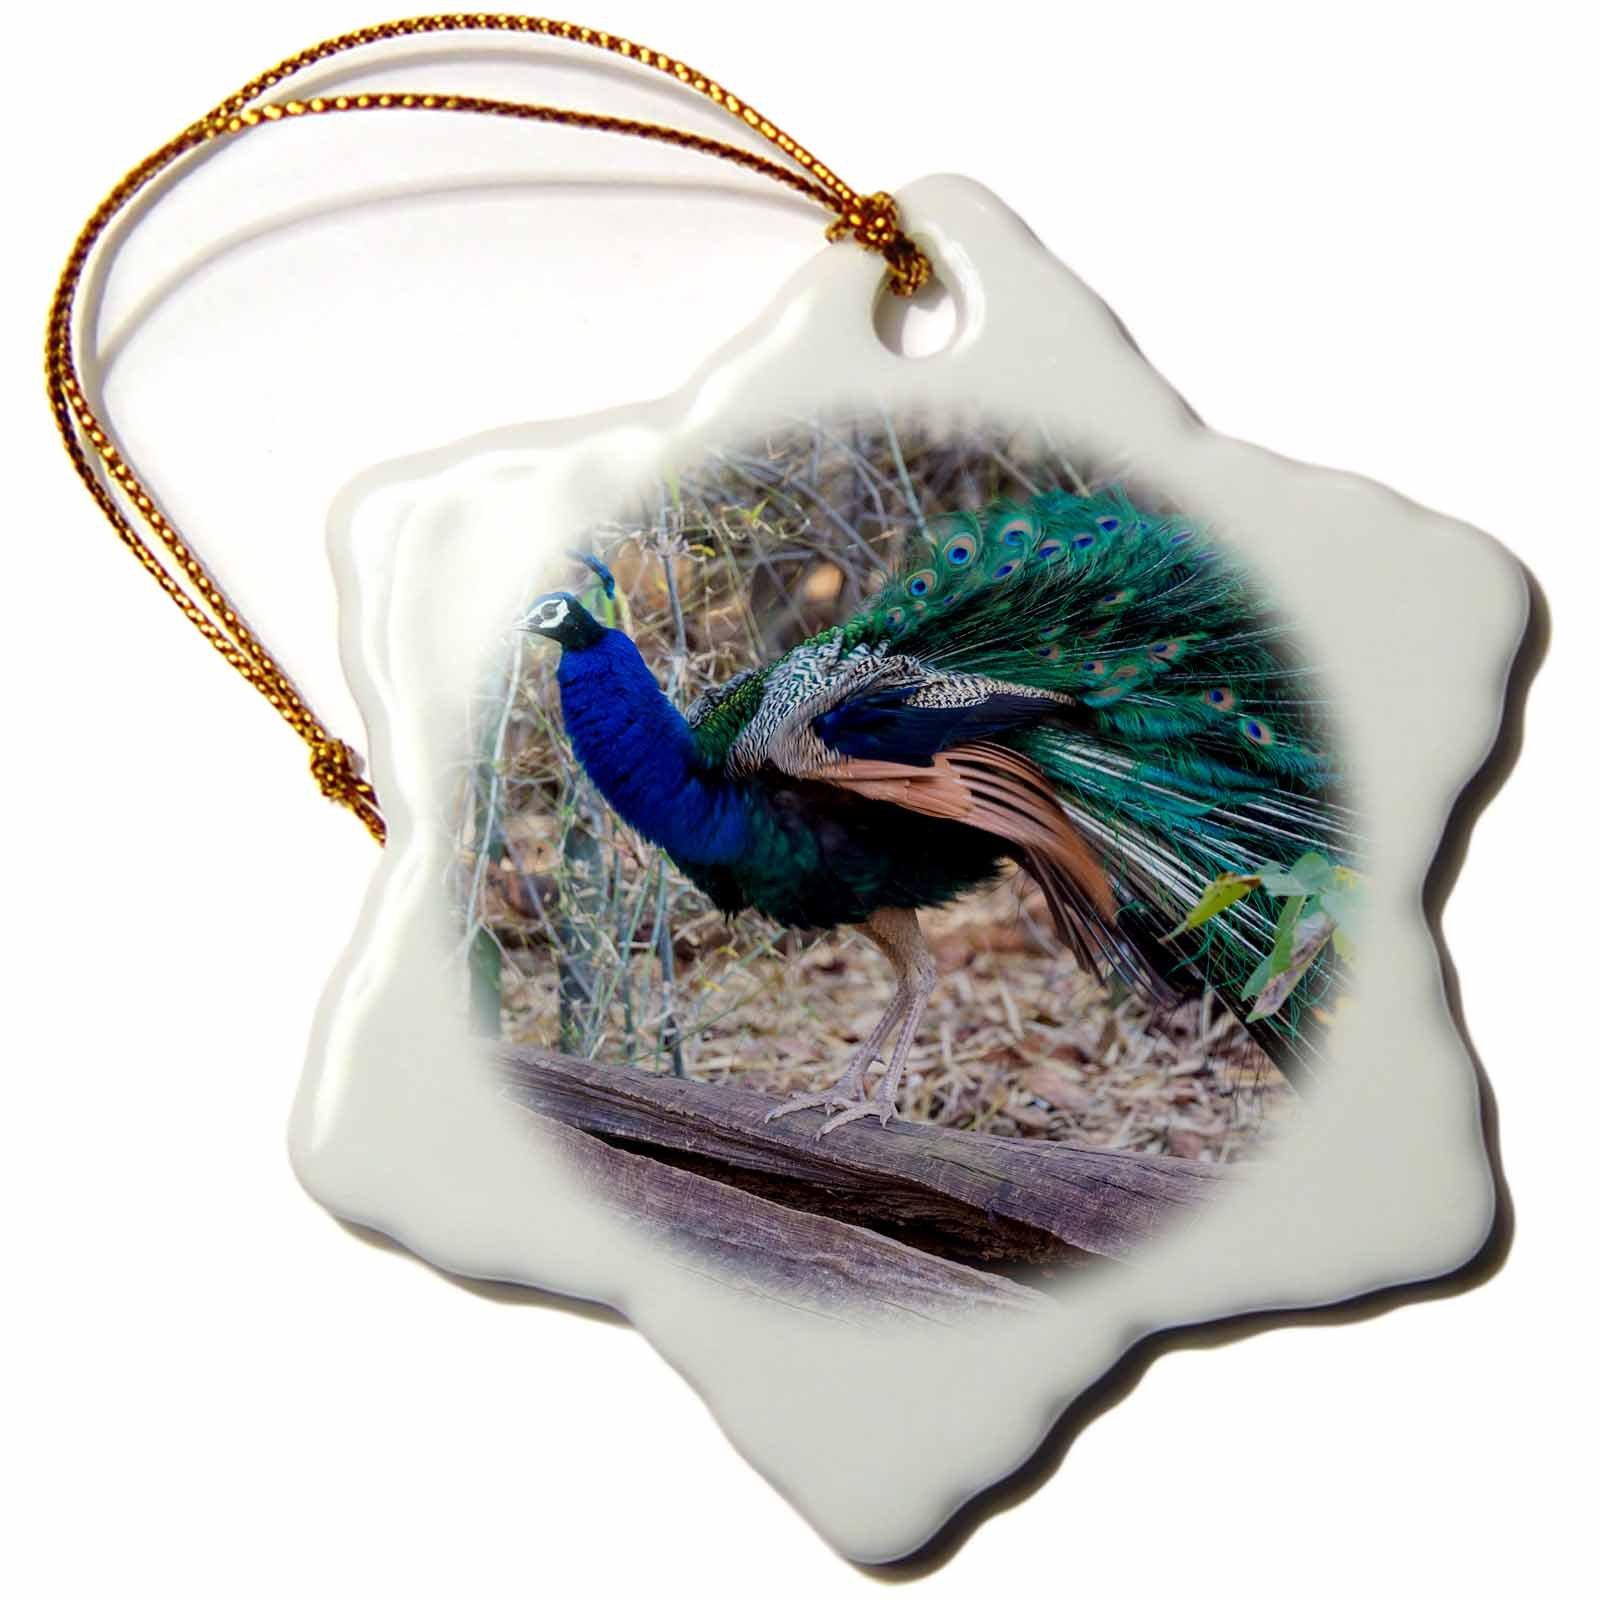 3dRose Danita Delimont - Birds - India. Peacock strutting in the Bandhavgarh Tiger Reserve. - 3 inch Snowflake Porcelain Ornament (orn_276800_1)